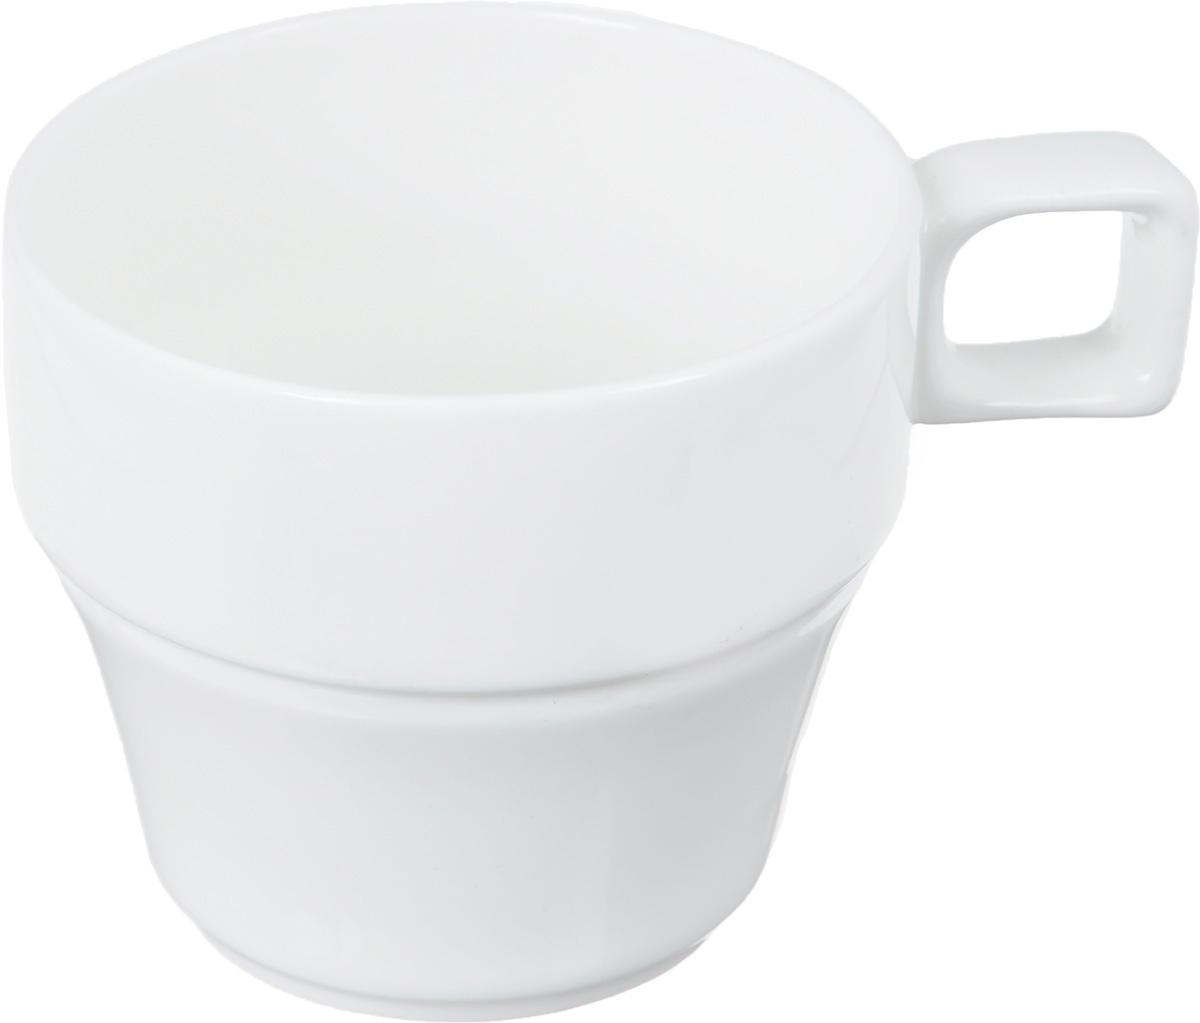 Чашка чайная Wilmax, штабелируемая, 220 млWL-993049Чайная чашка Wilmax изготовлена из высококачественного фарфора, покрытого глазурью. Штабелируемая, то есть несколько чашек легко вставляются друг в друга. Такая чашка пригодится в любом хозяйстве, она функциональная, практичная и легкая в уходе. Можно мыть в посудомоечной машине и ставить в микроволновую печь. Диаметр (по верхнему краю): 7,5 см. Высота стенки: 7 см.